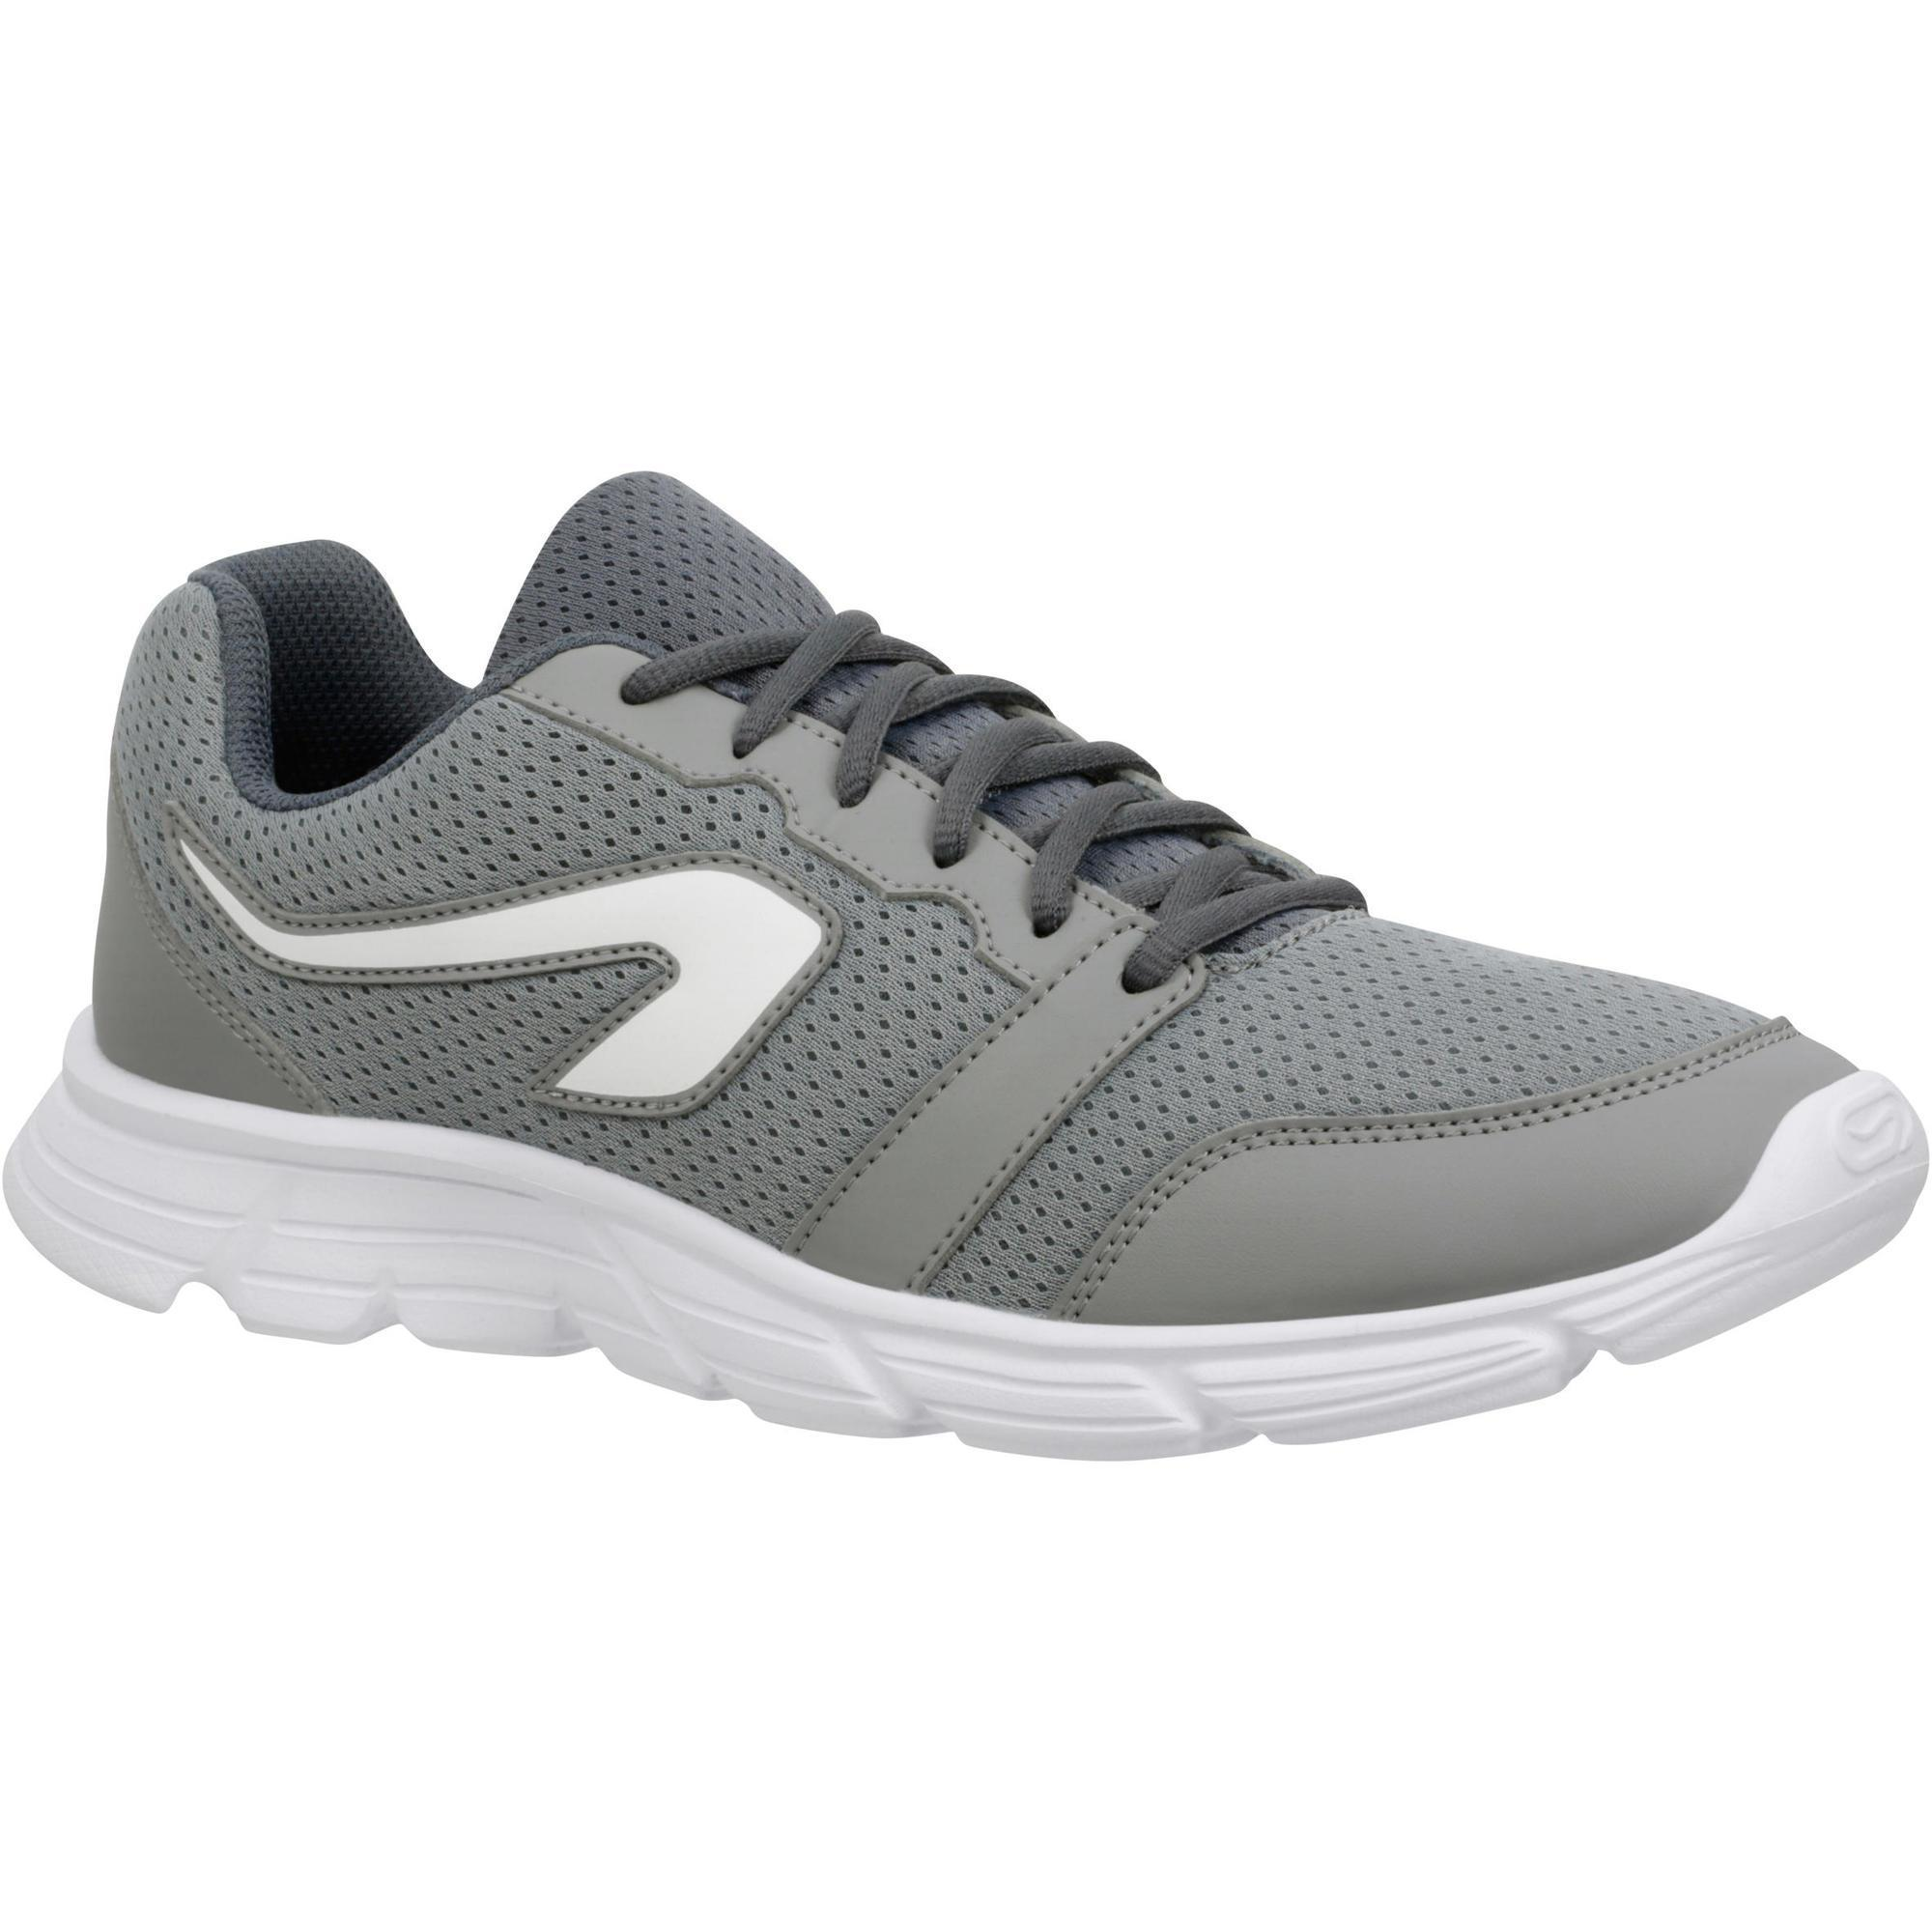 703bfa1376 Comprar Zapatillas Deportivas de Hombre online | Decathlon